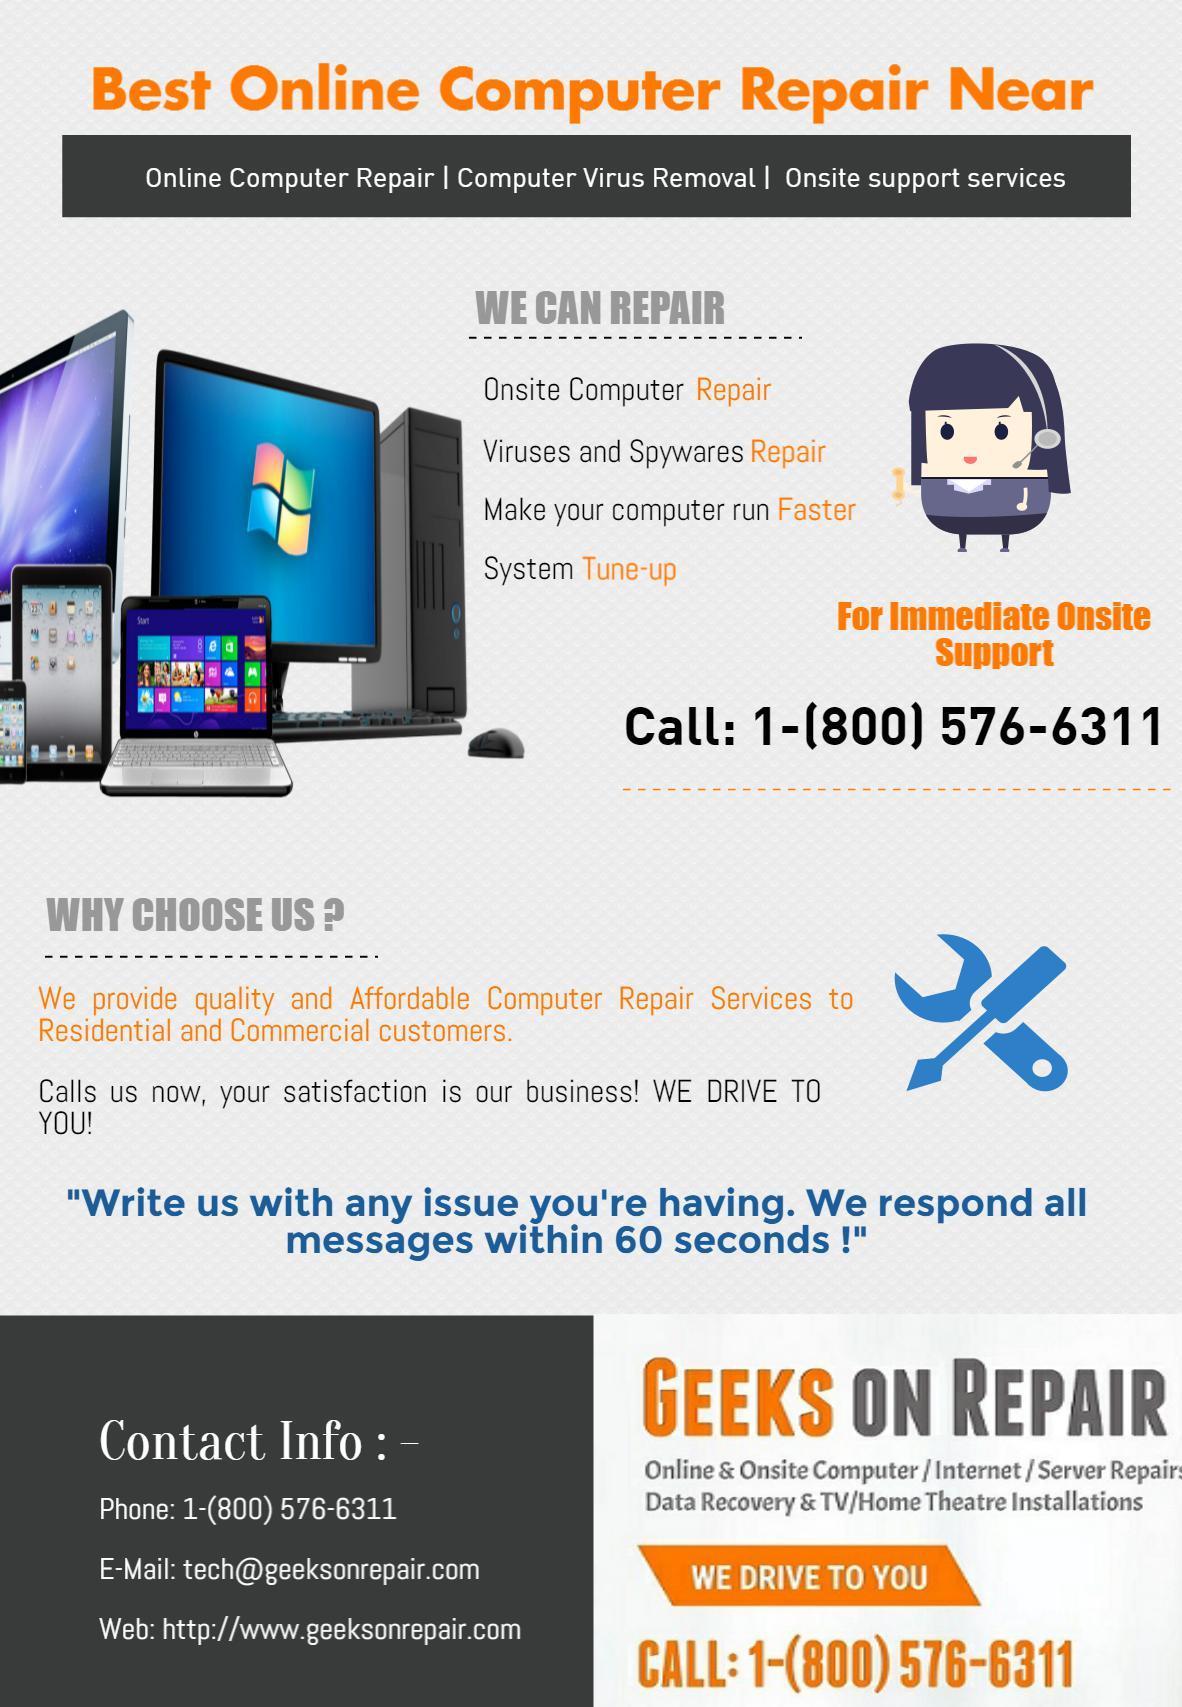 Best Online Computer Repair Near Me - by riya dhatwalia